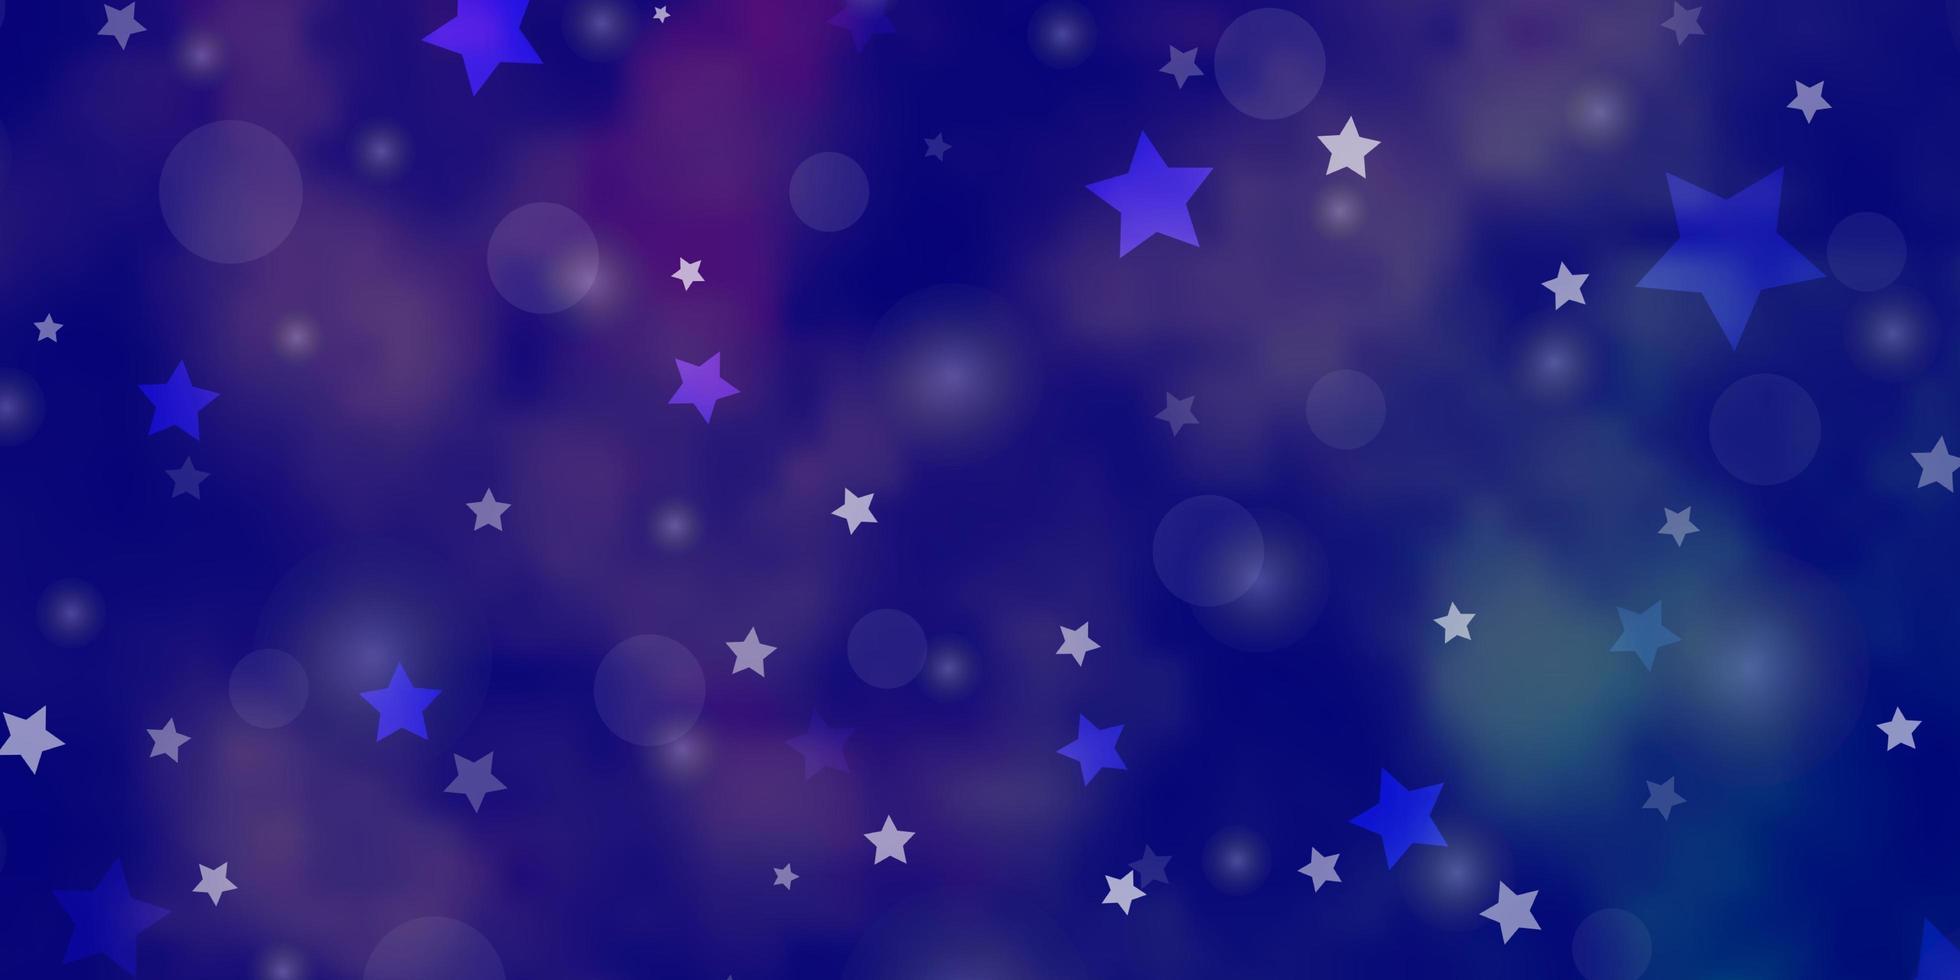 fond de vecteur violet clair avec des cercles, des étoiles.